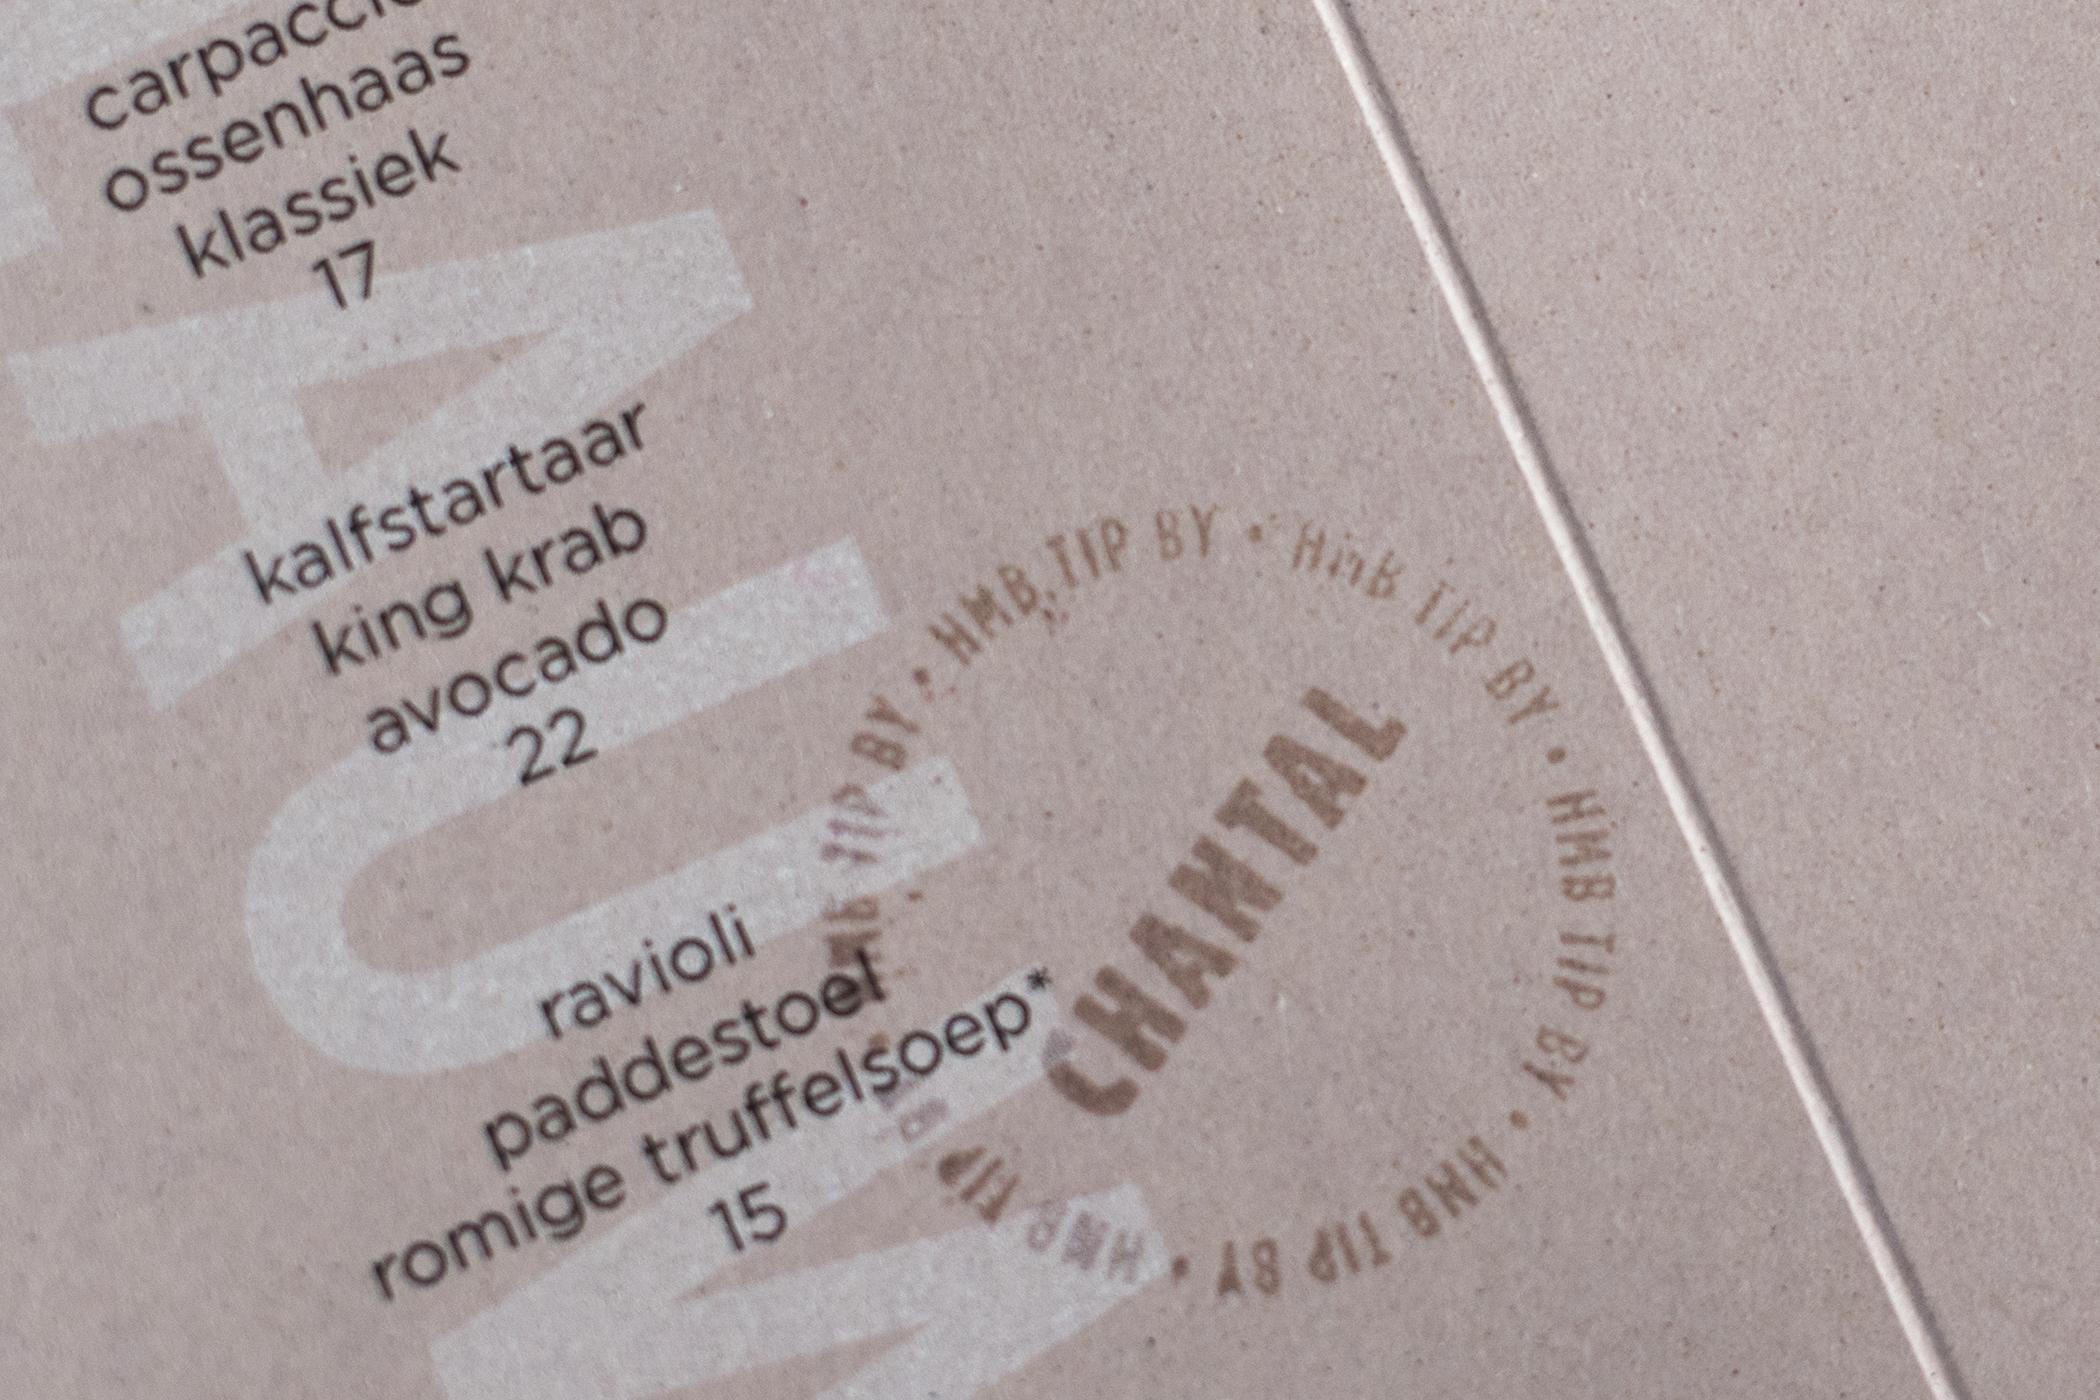 De menukaart van het restaurant HMB, ontwerp door Ilse van Klei en Bas Rellum